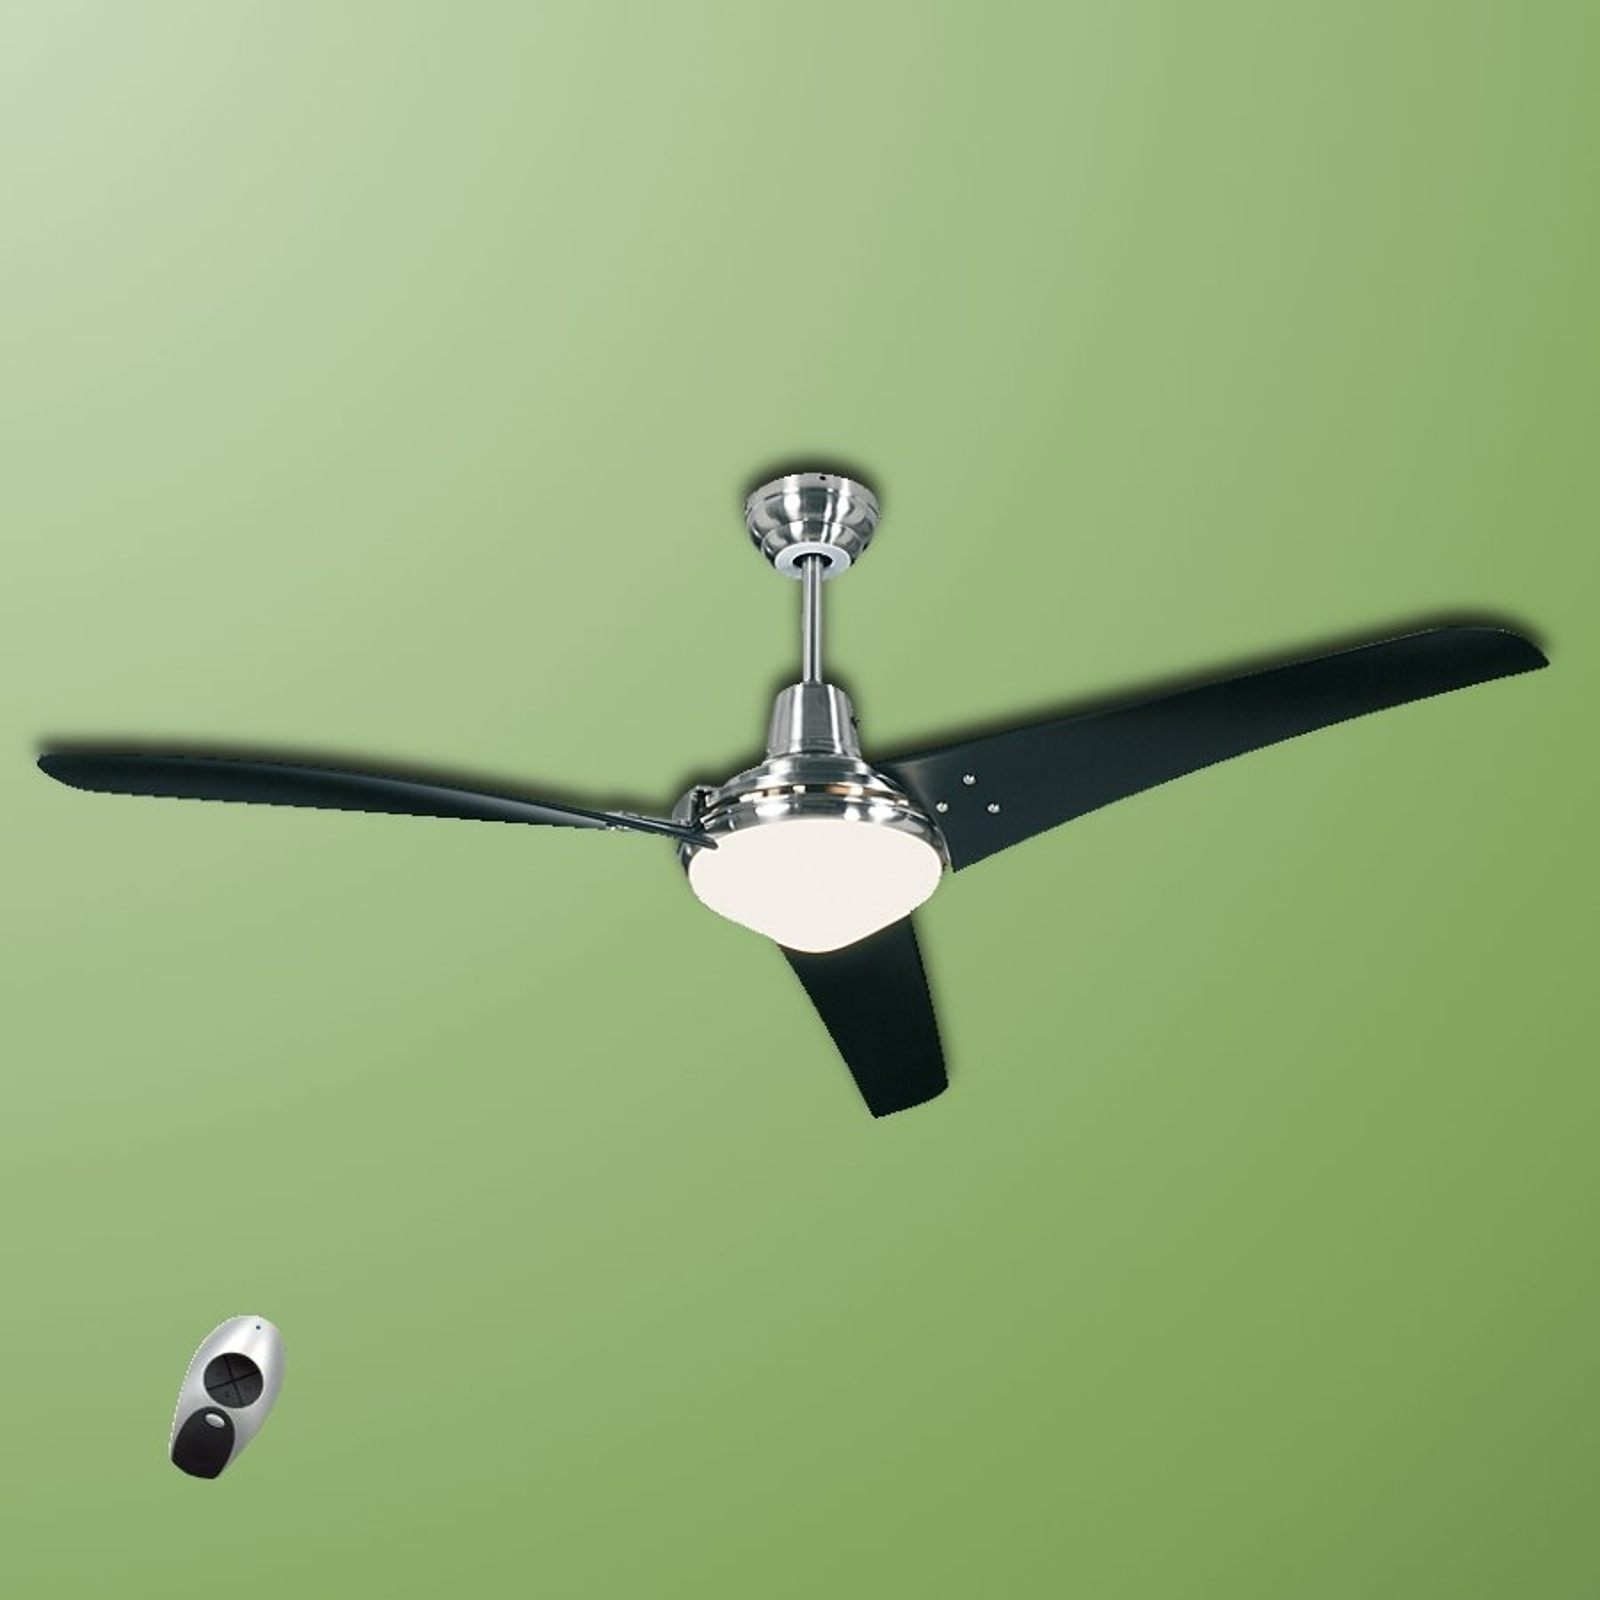 Classico ventilatore a pale Mirage